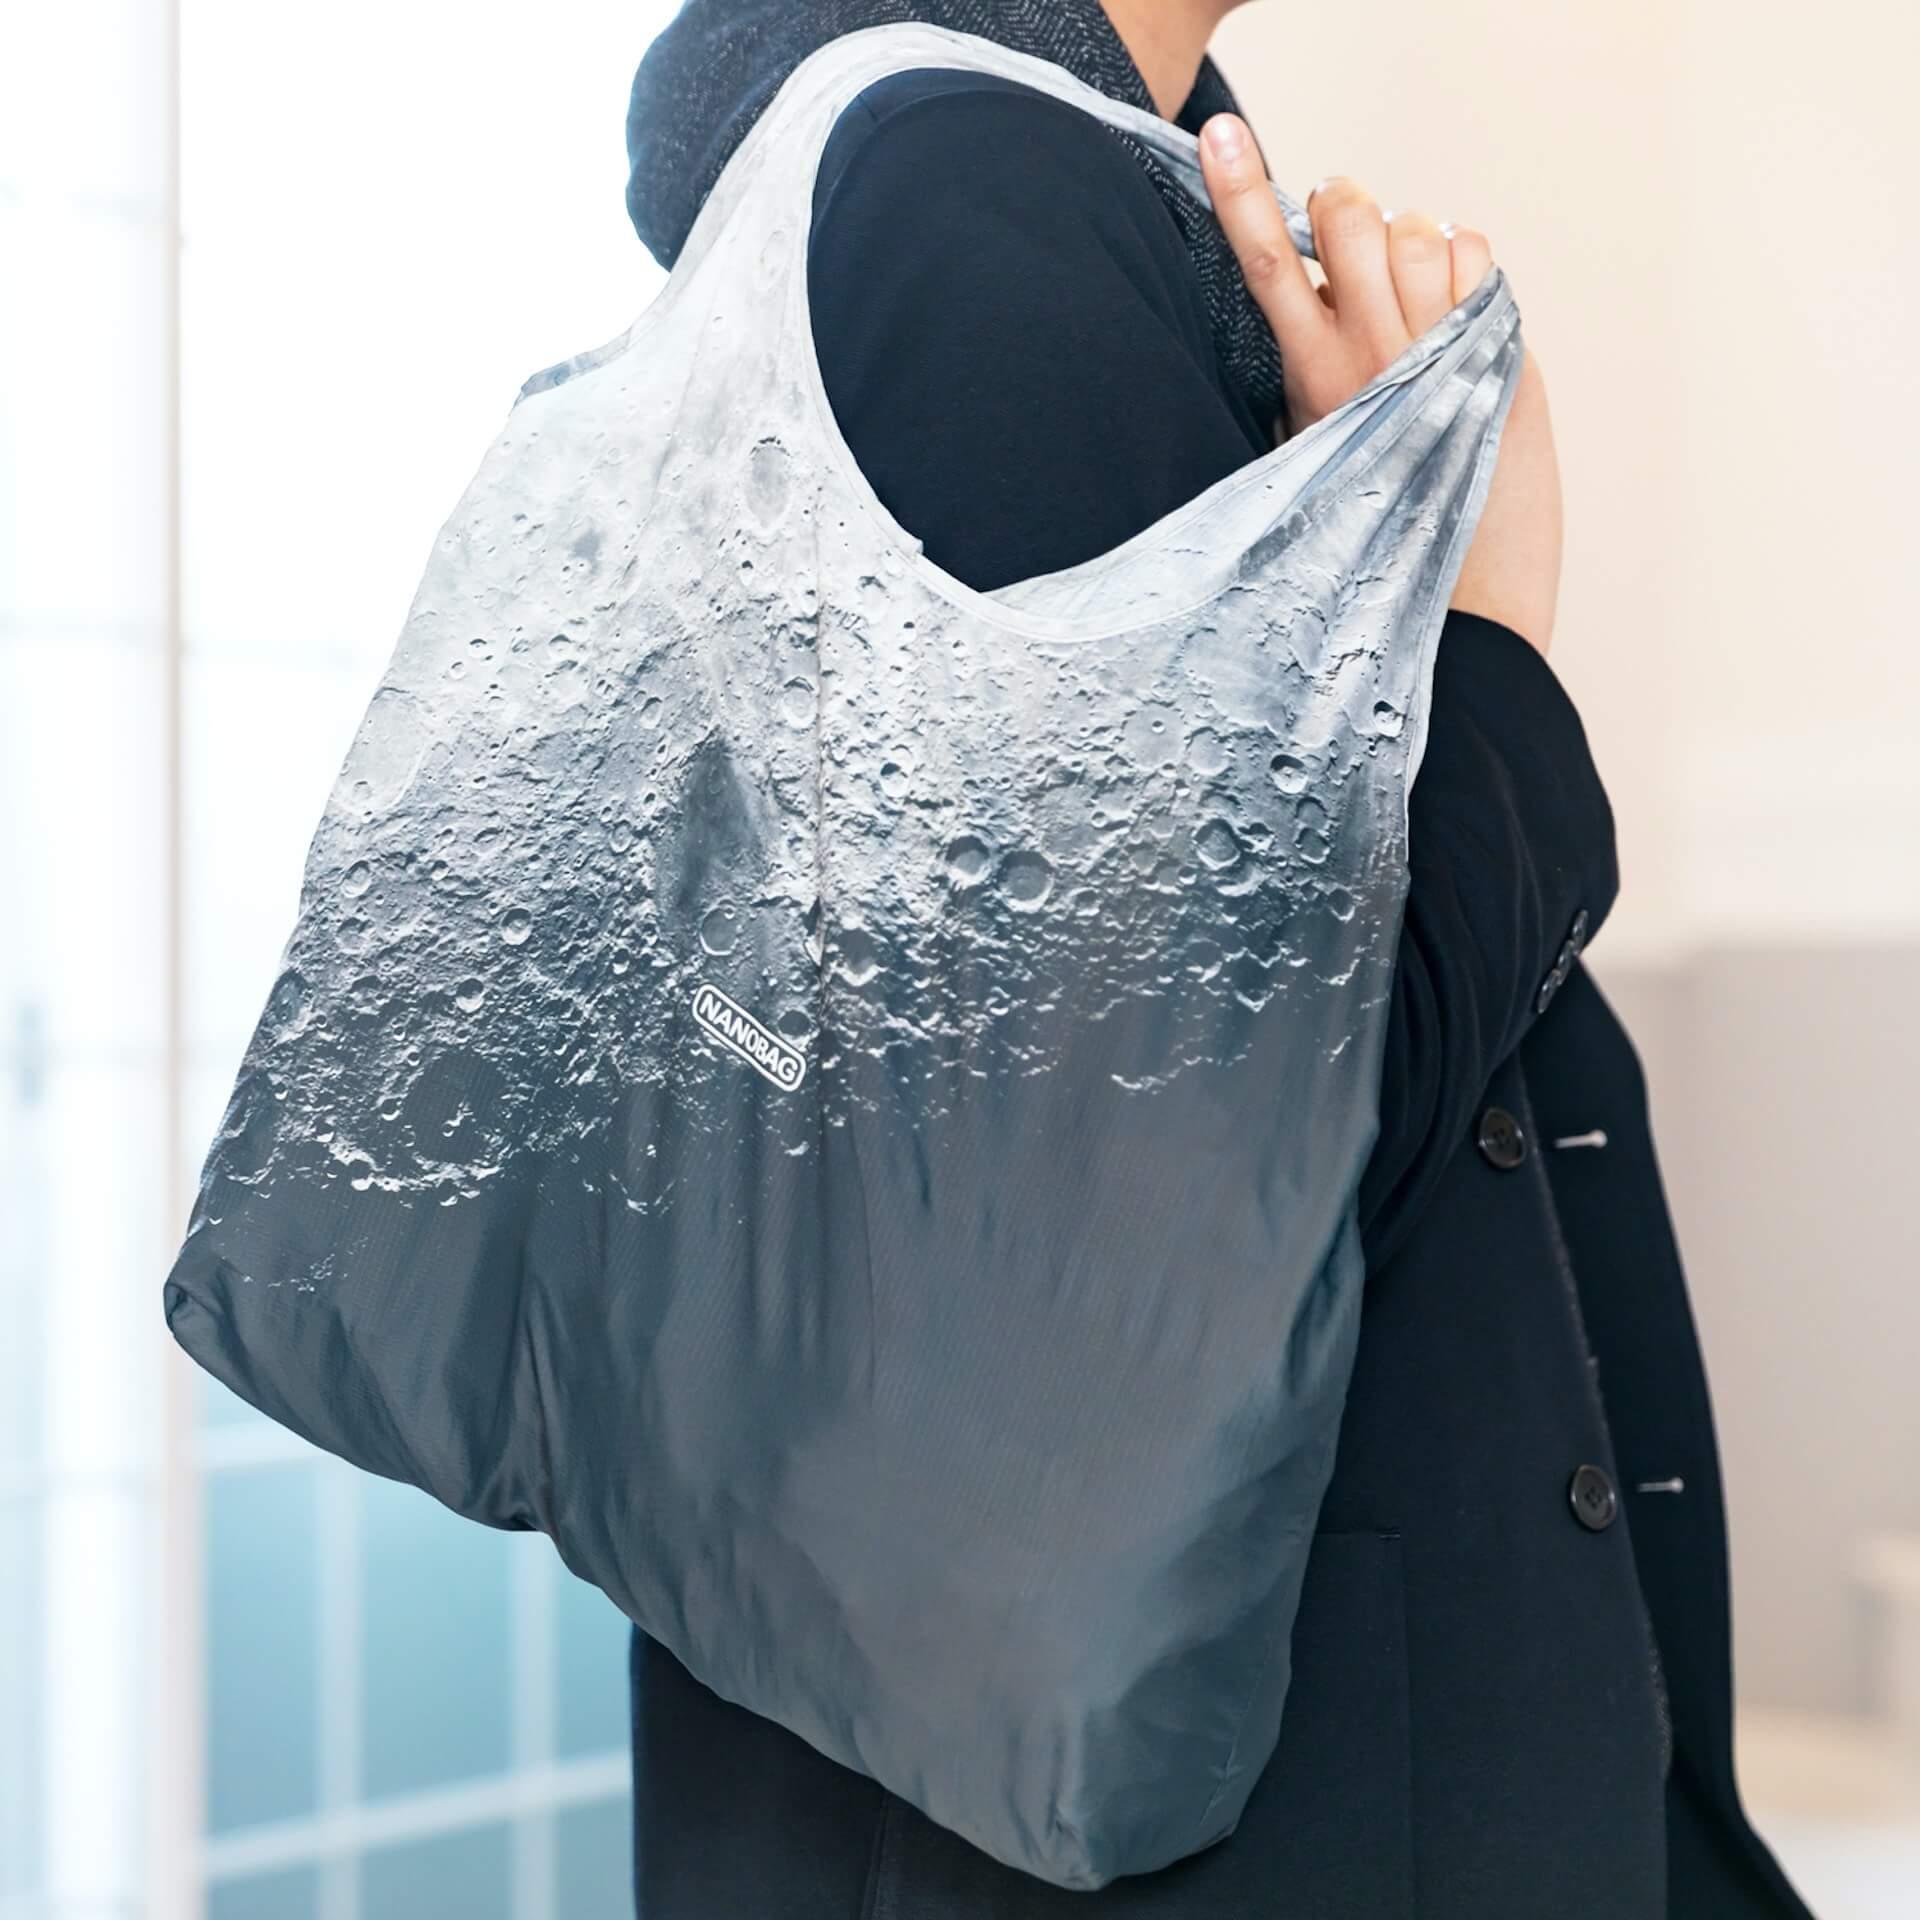 手のひらサイズのエコバッグ『NANOBAG』でお買い物しよう!全国販売を記念したTwitterプレゼントキャンペーンが実施 ac200714_nanobag_12